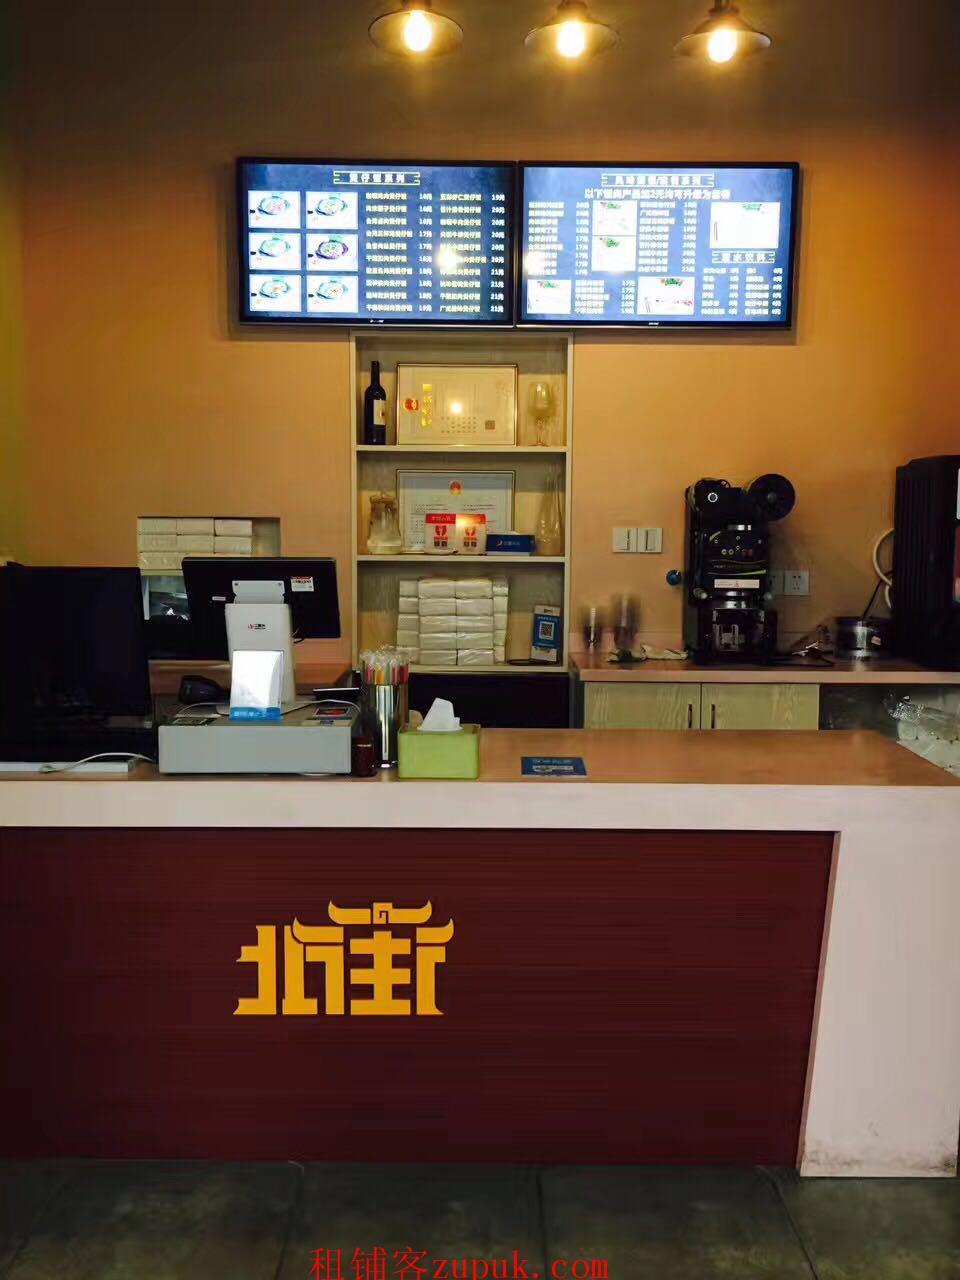 浙大紫金港校区 五洲国际广场 餐饮商铺转让